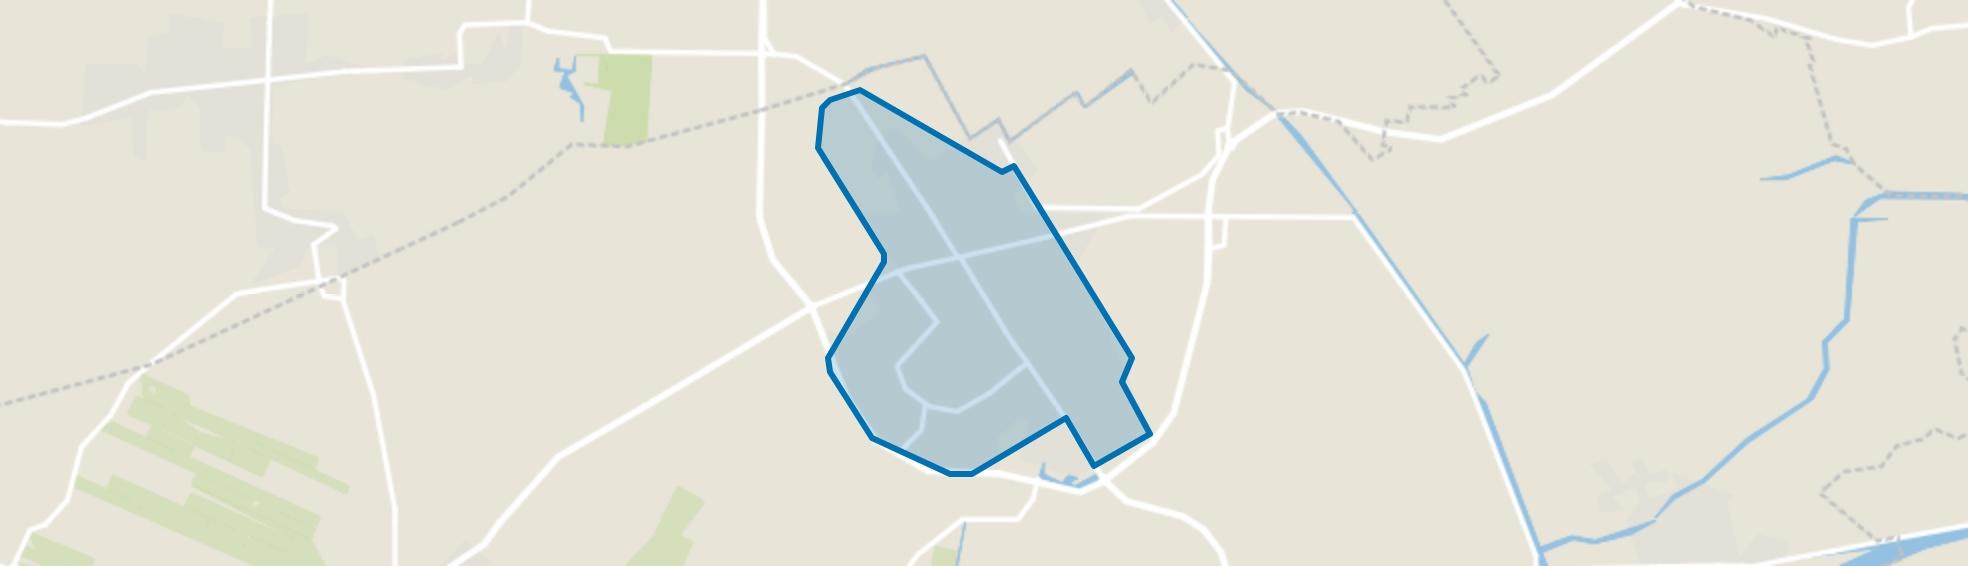 Buitenpost, Buitenpost map